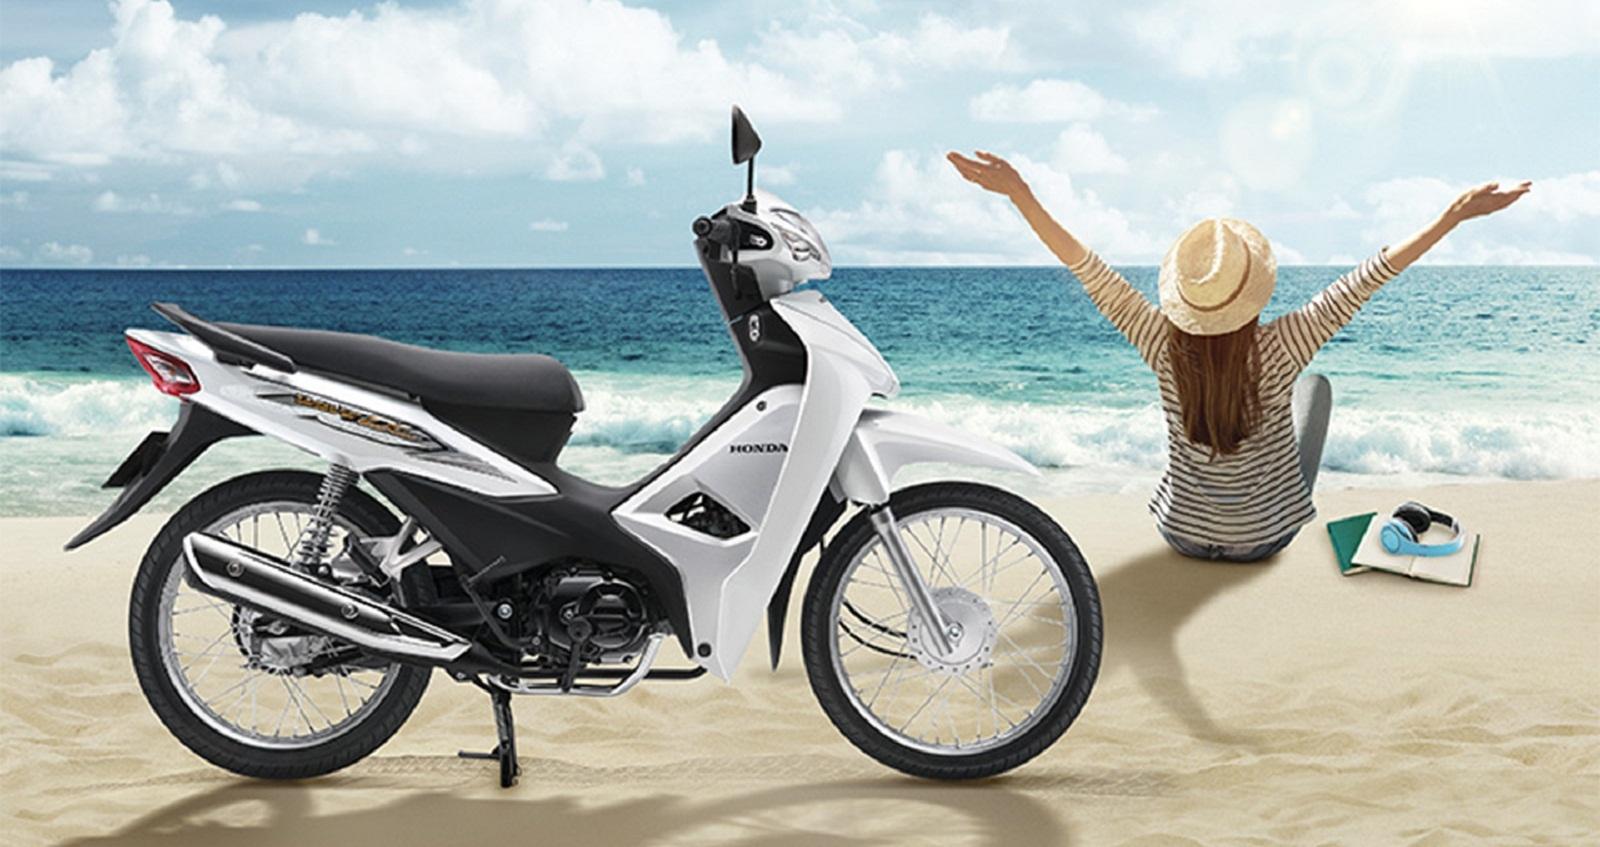 tiết kiệm xăng,xe giá rẻ,tư vấn mua xe,xe máy Honda